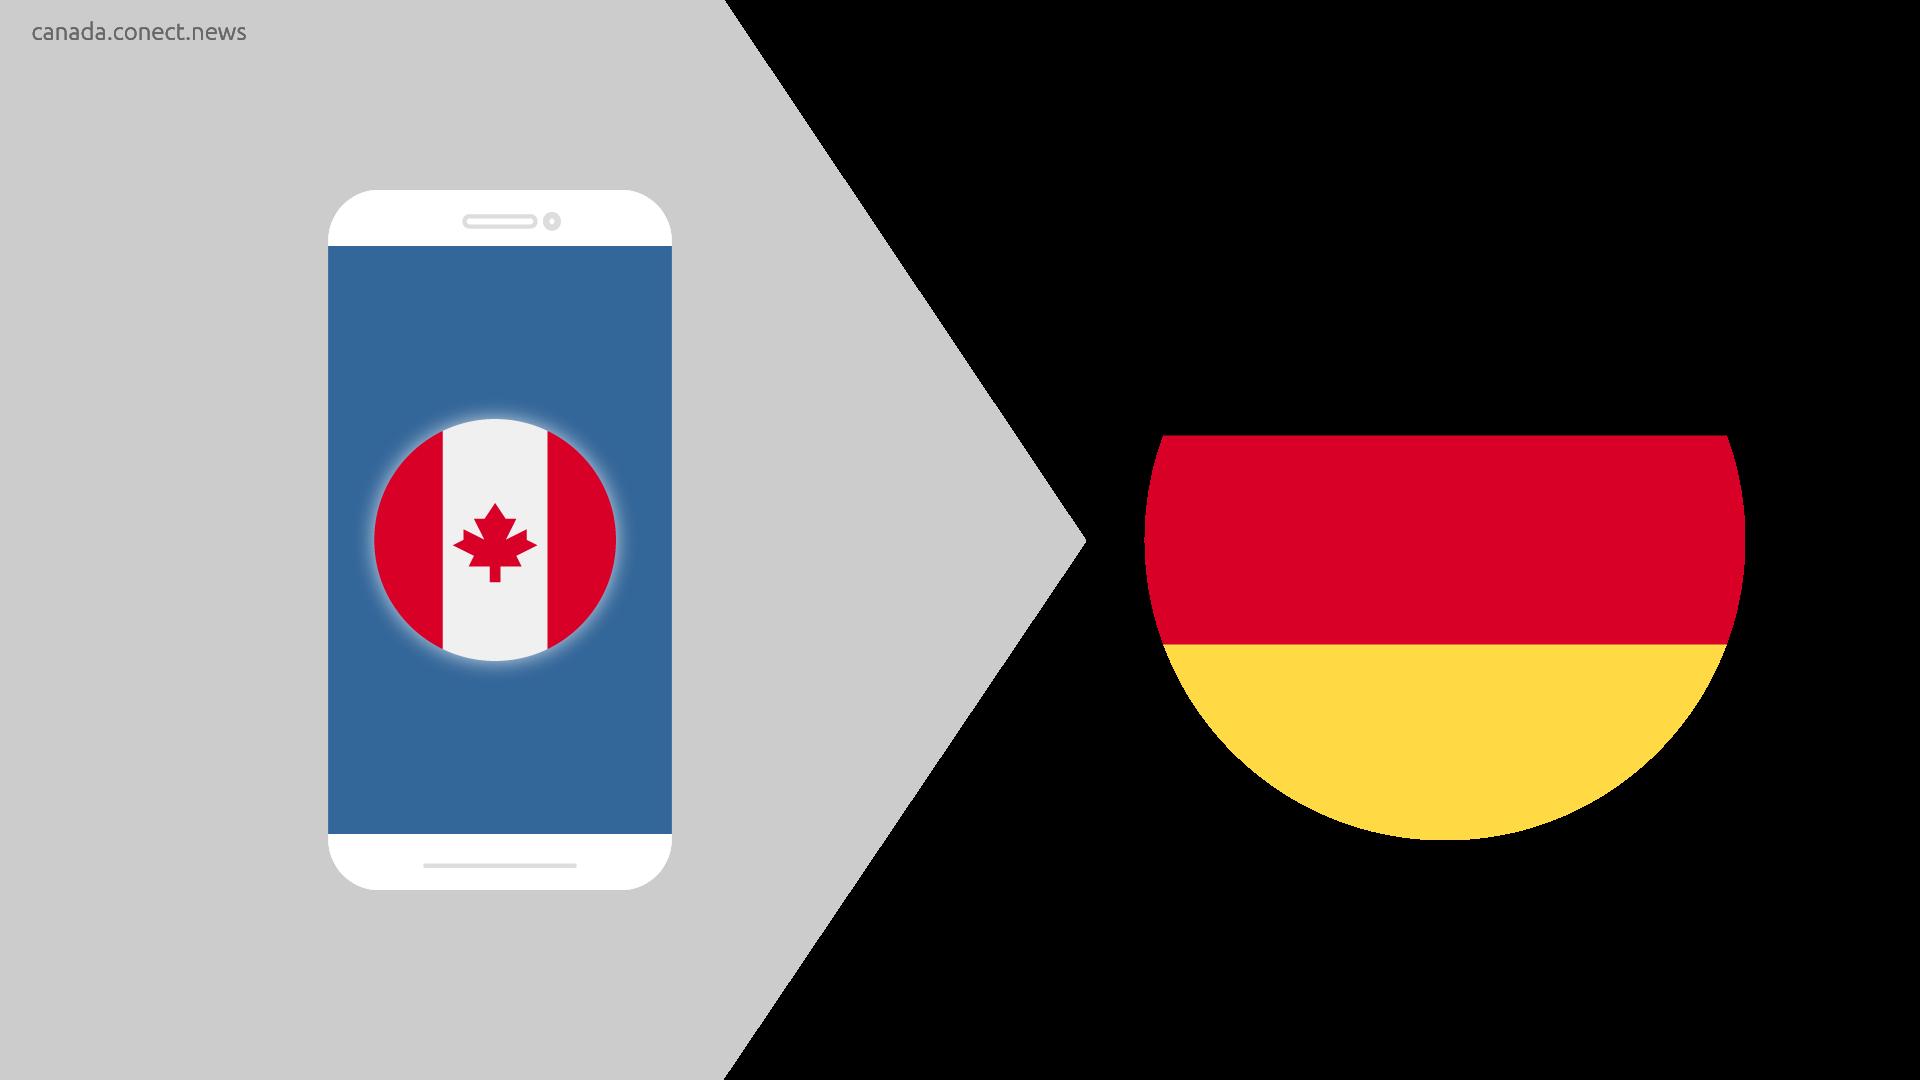 Kanada-deutschland @conect_news